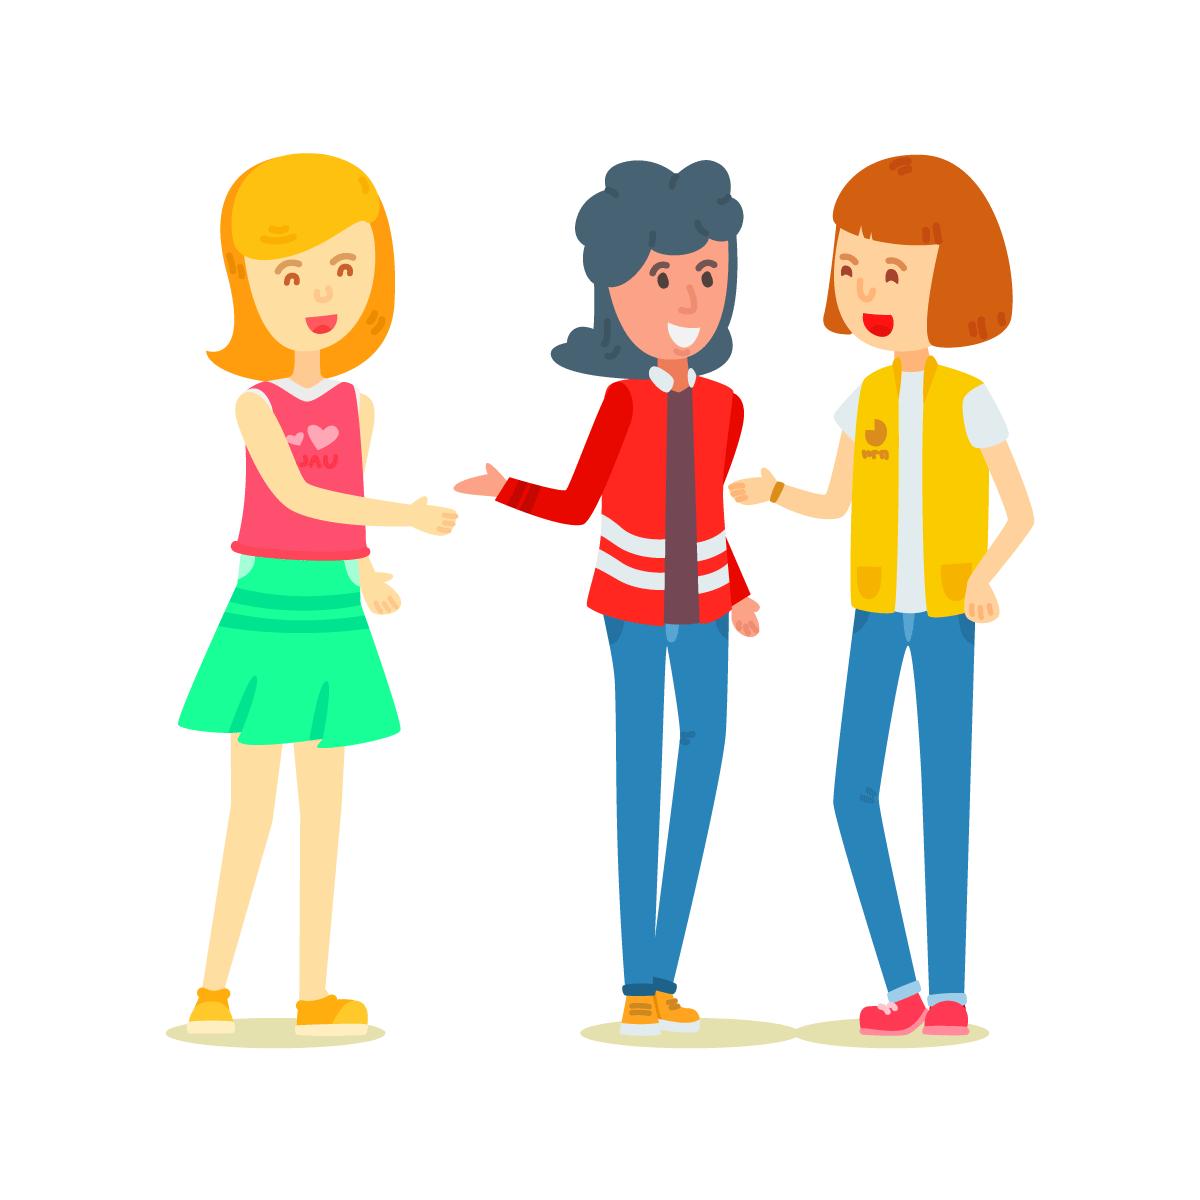 Анекдот про трёх подружек иподозрения ихмужей вневерности